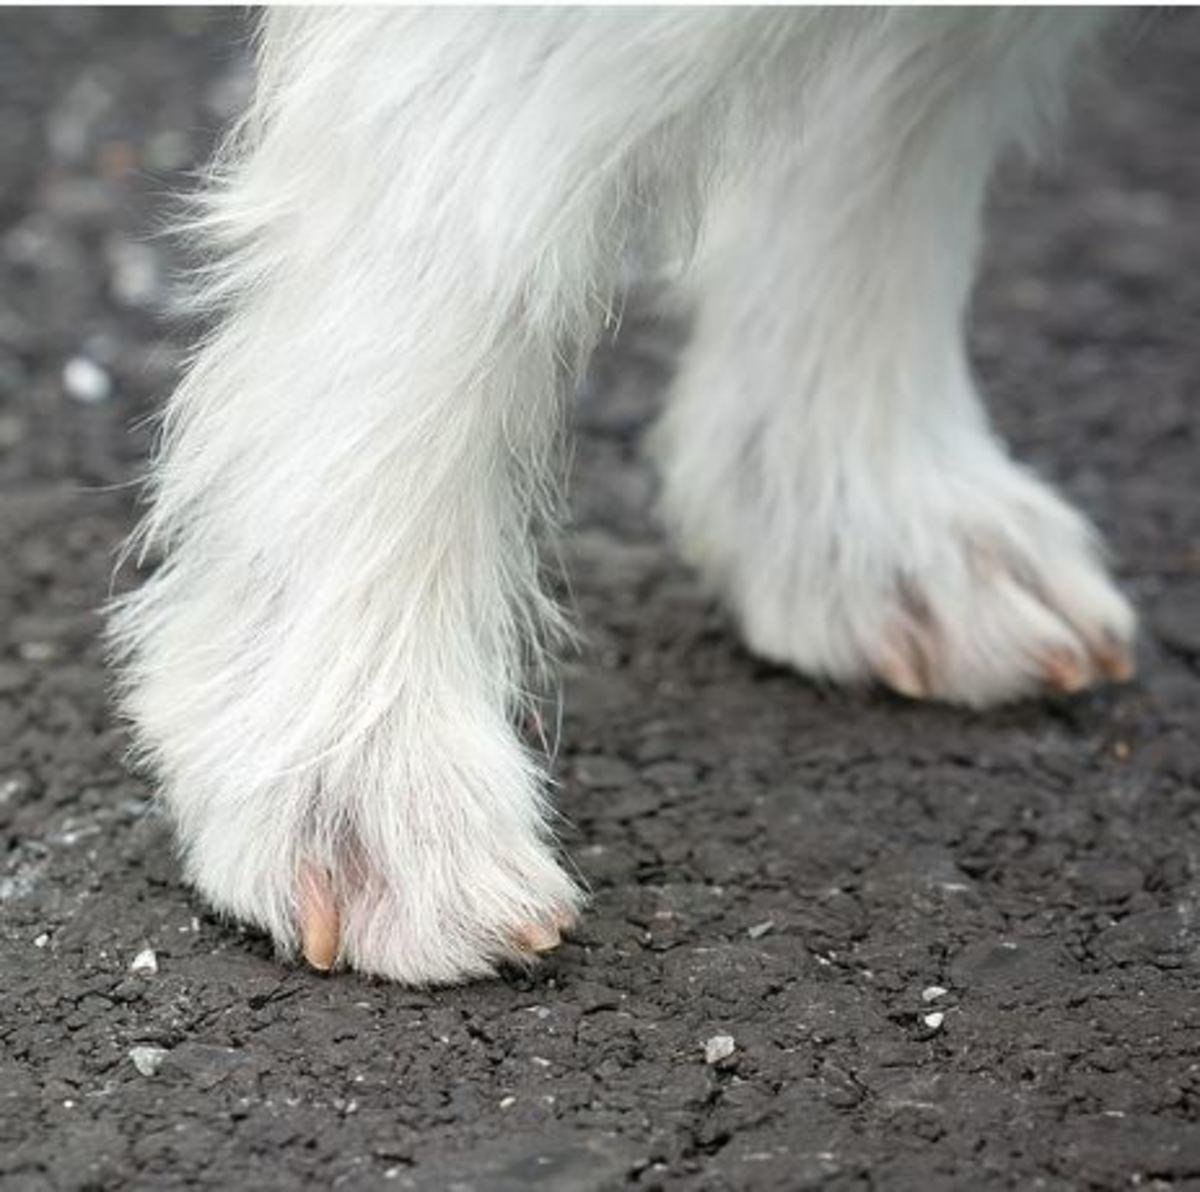 dog leg swelling